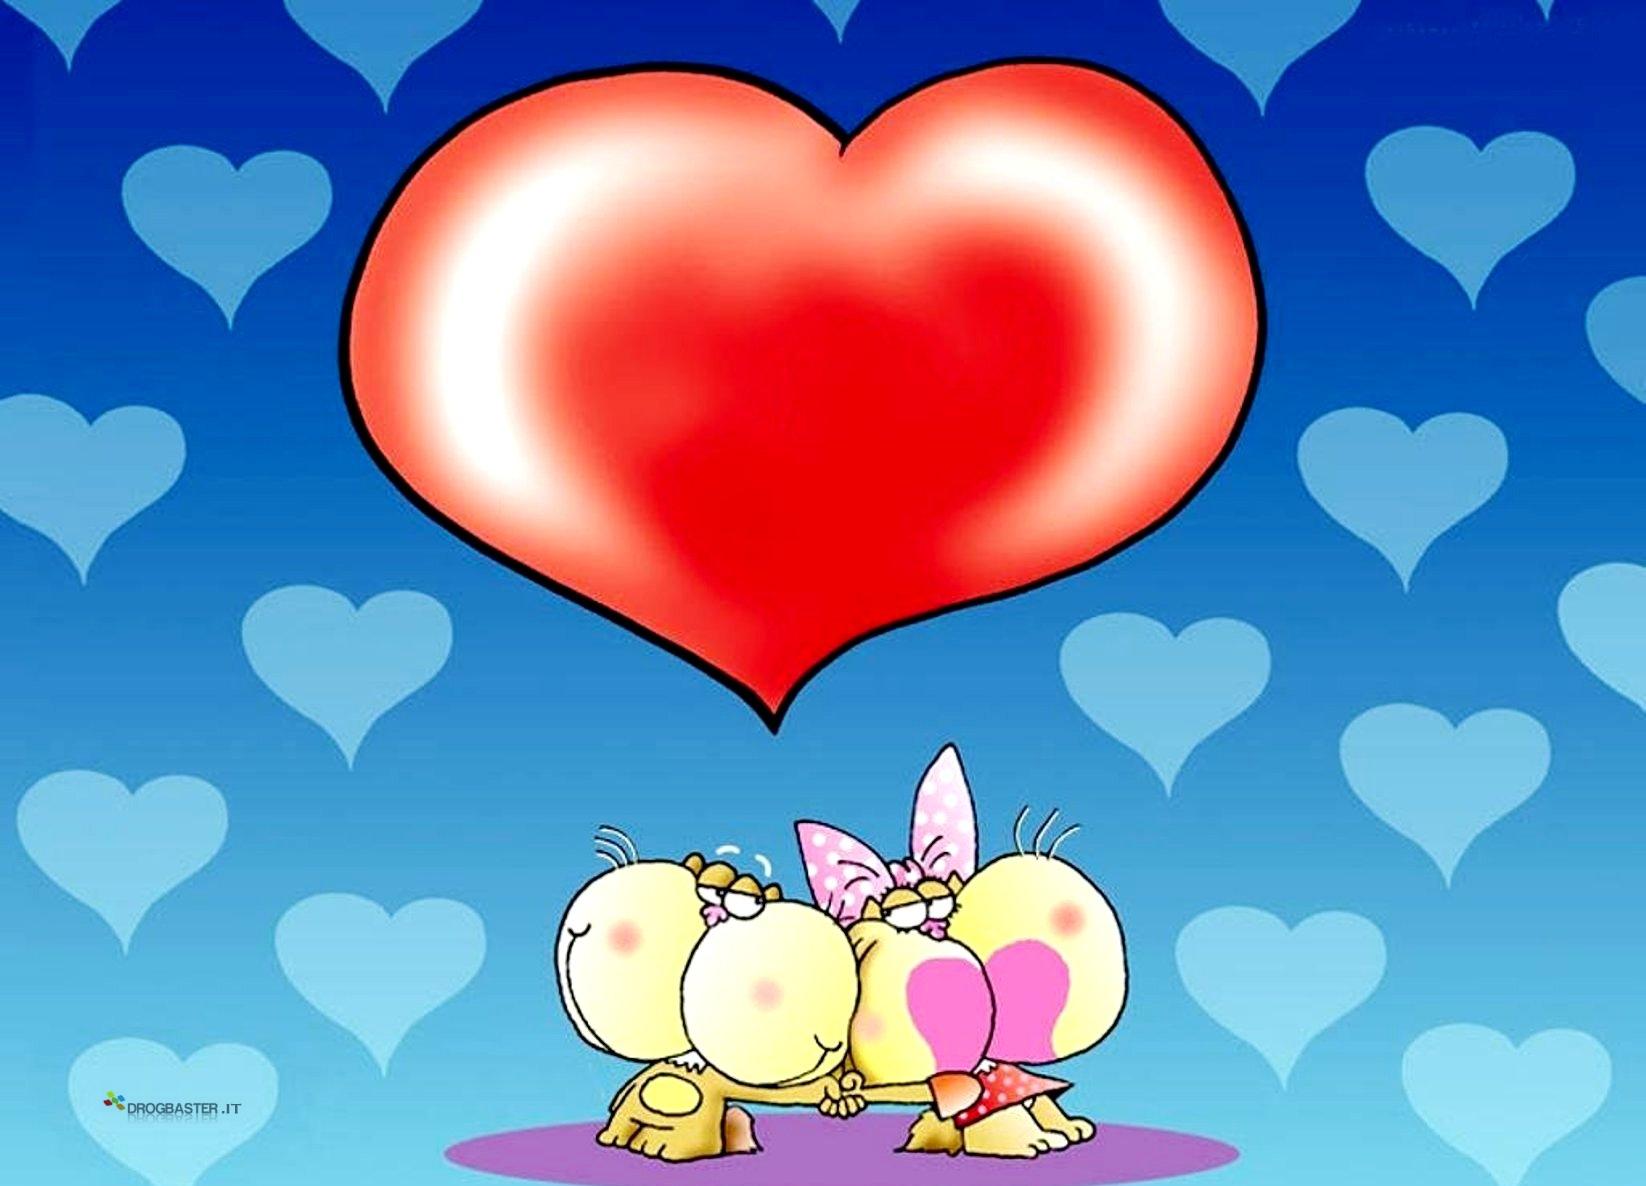 bellissimi sfondi amore per la festa di san valentino